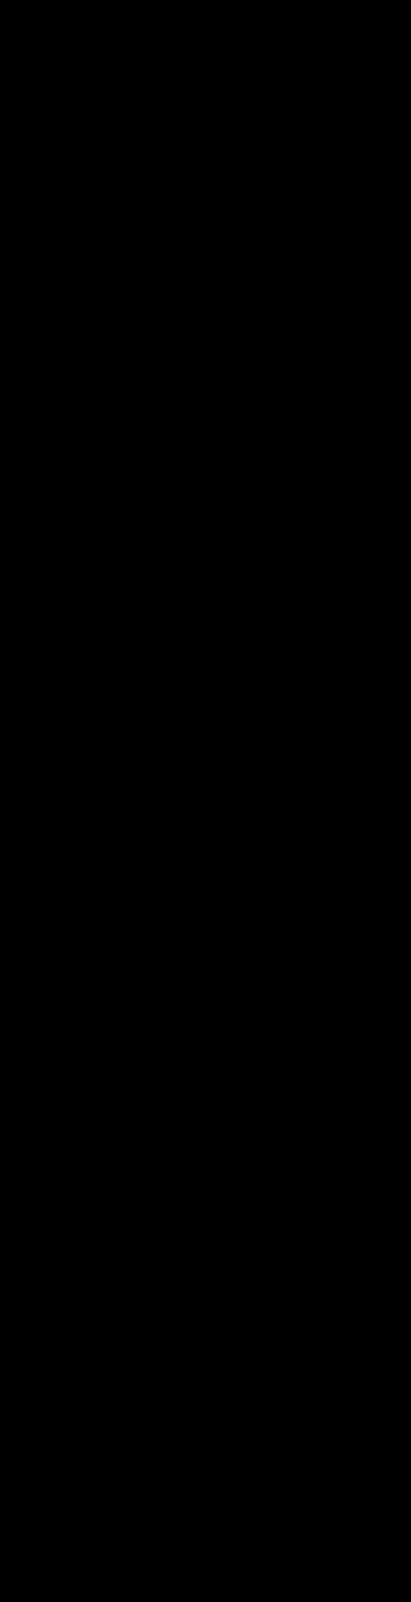 คอร์ดกีตาร์พื้นฐาน คอร์ดกีต้าโปร่ง เพลง สาวกระโปรงเหี่ยน